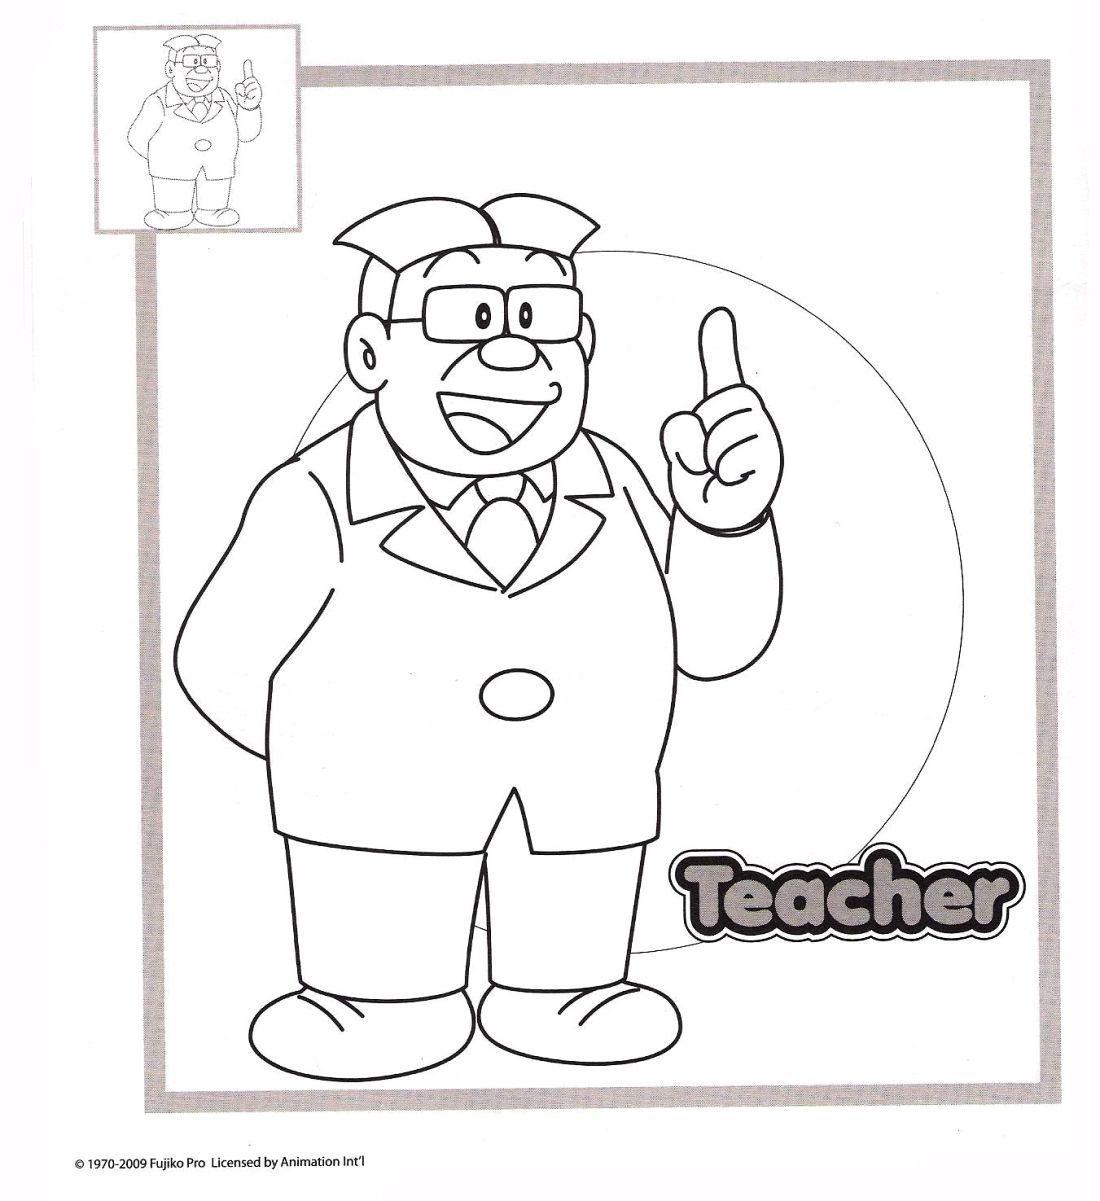 Doraemon immagini da colorare for Doraemon immagini da colorare